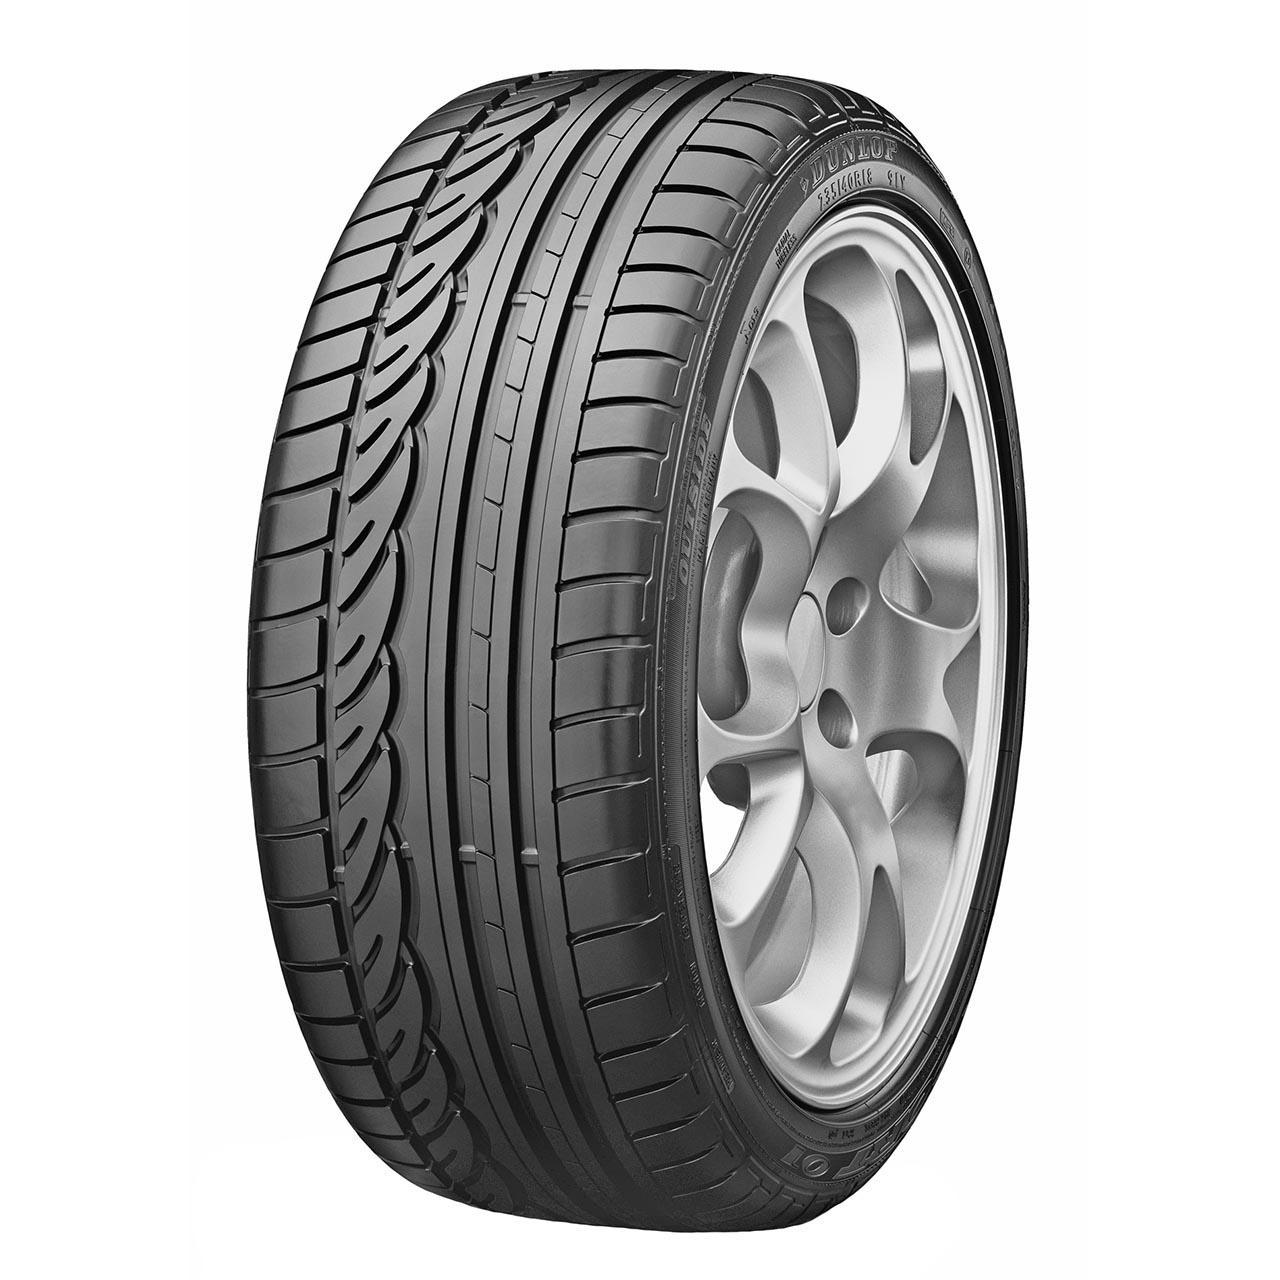 Dunlop SP Sport 01 235/50R18 97V MFS *